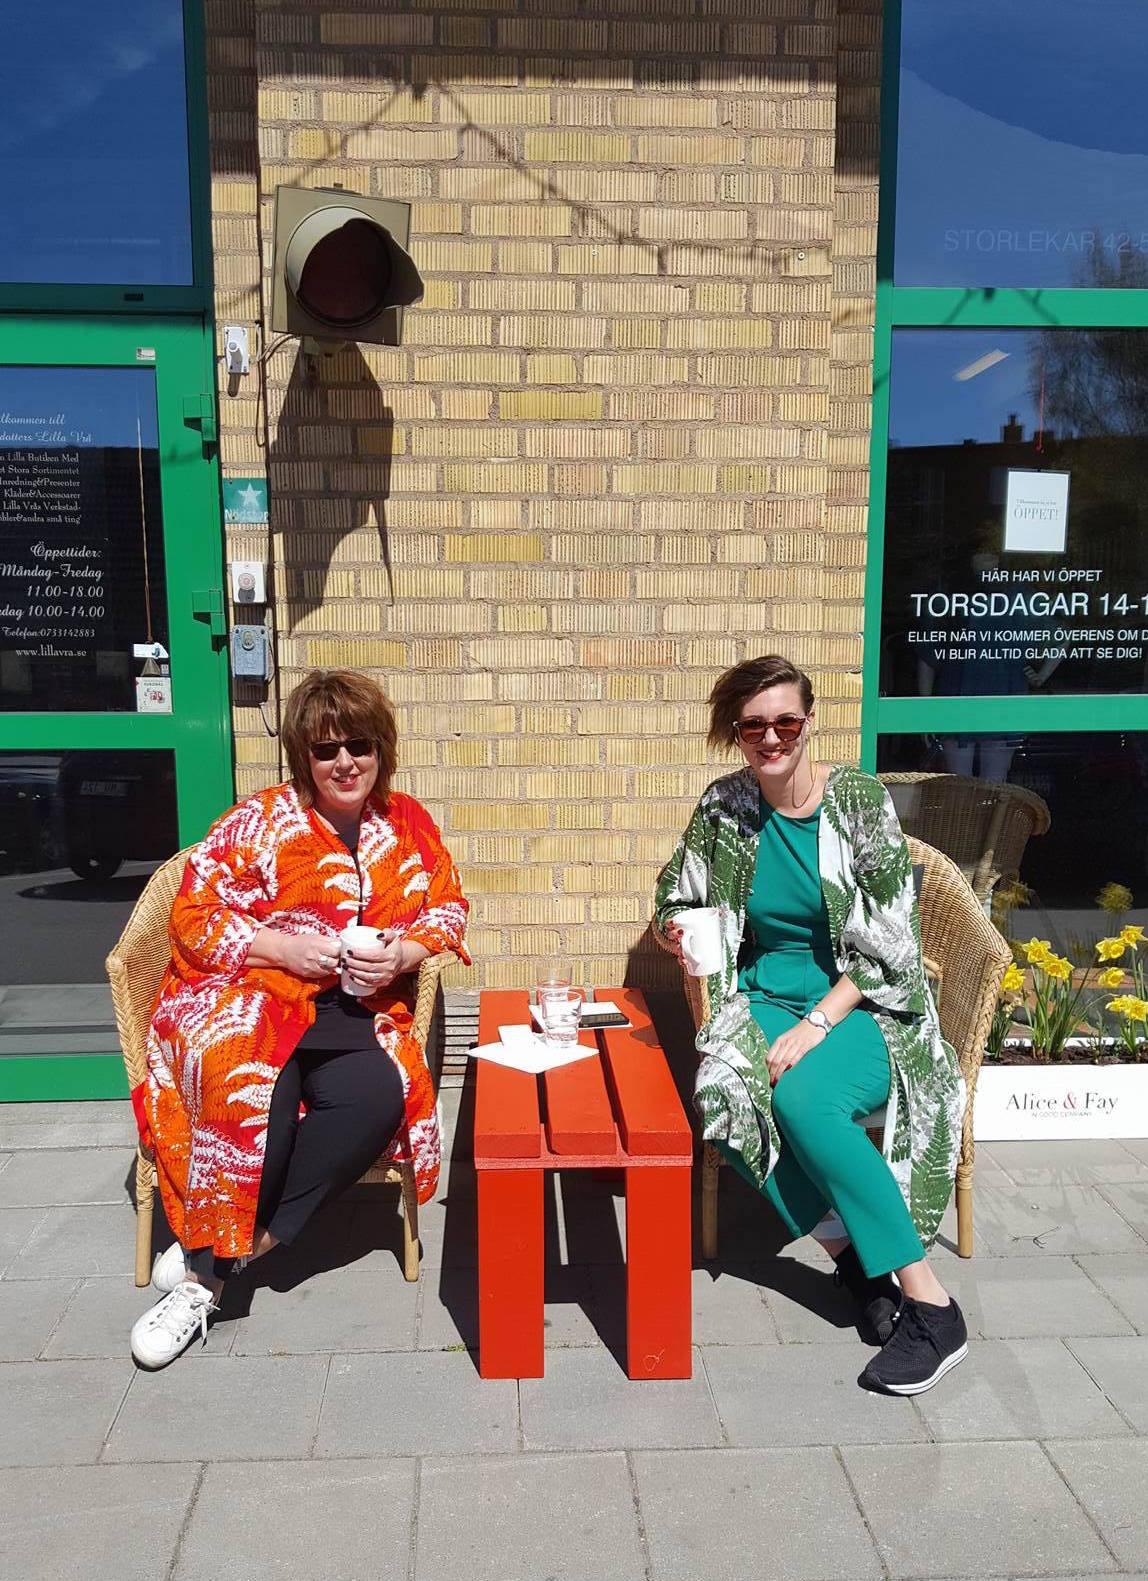 Cecilia och Fanny Alatalo alias Alice och Fay, njuter av solen och värmen utanför vårt kontor/showroom. Välkomna hit!